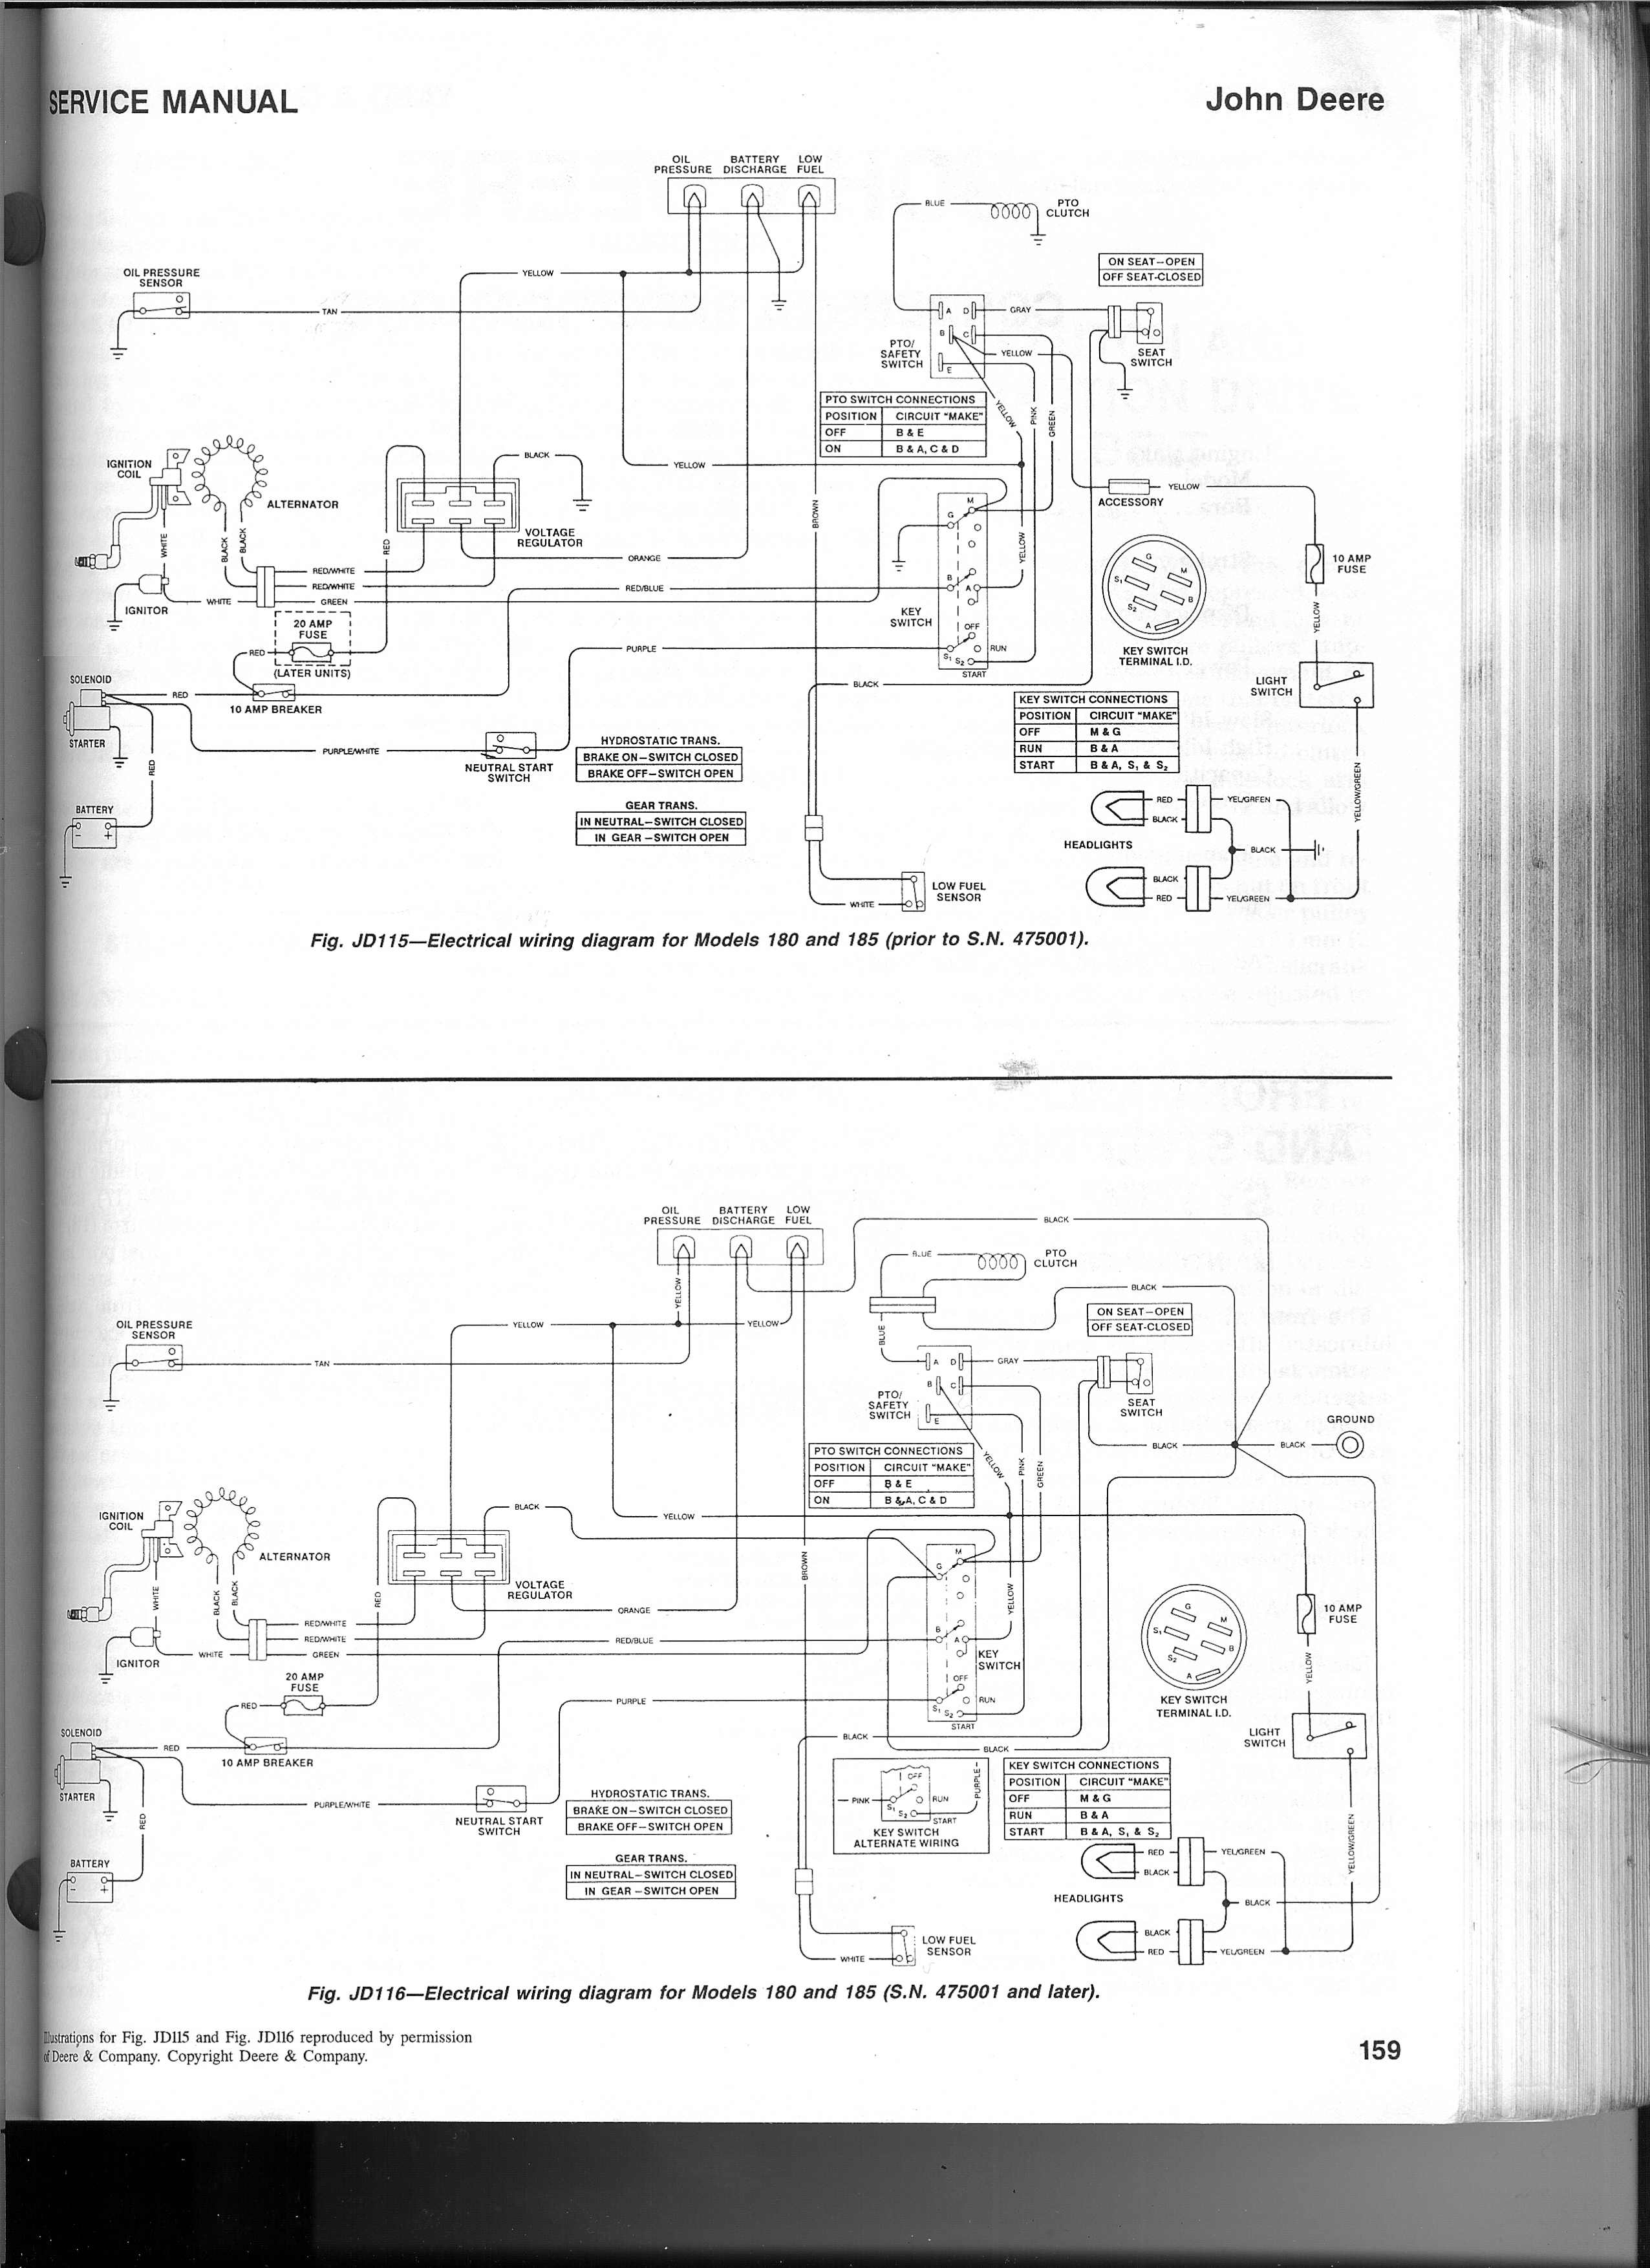 LG_3106] John Deere 180 Wiring Diagram Wiring DiagramOper Lusma Recoveryedb Librar Wiring 101